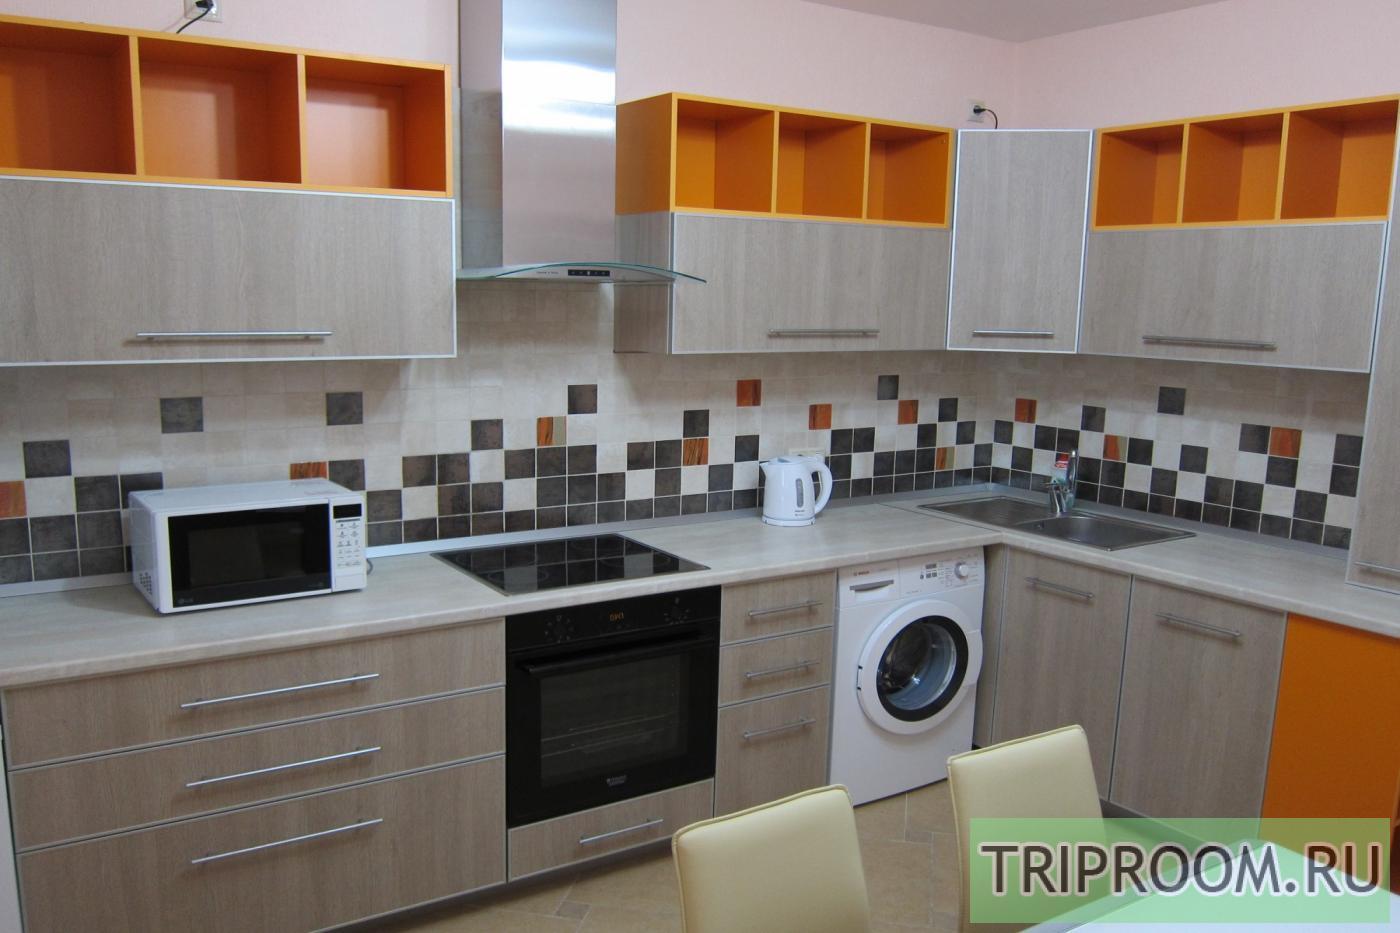 2-комнатная квартира посуточно (вариант № 21568), ул. Петра Смородина, фото № 7